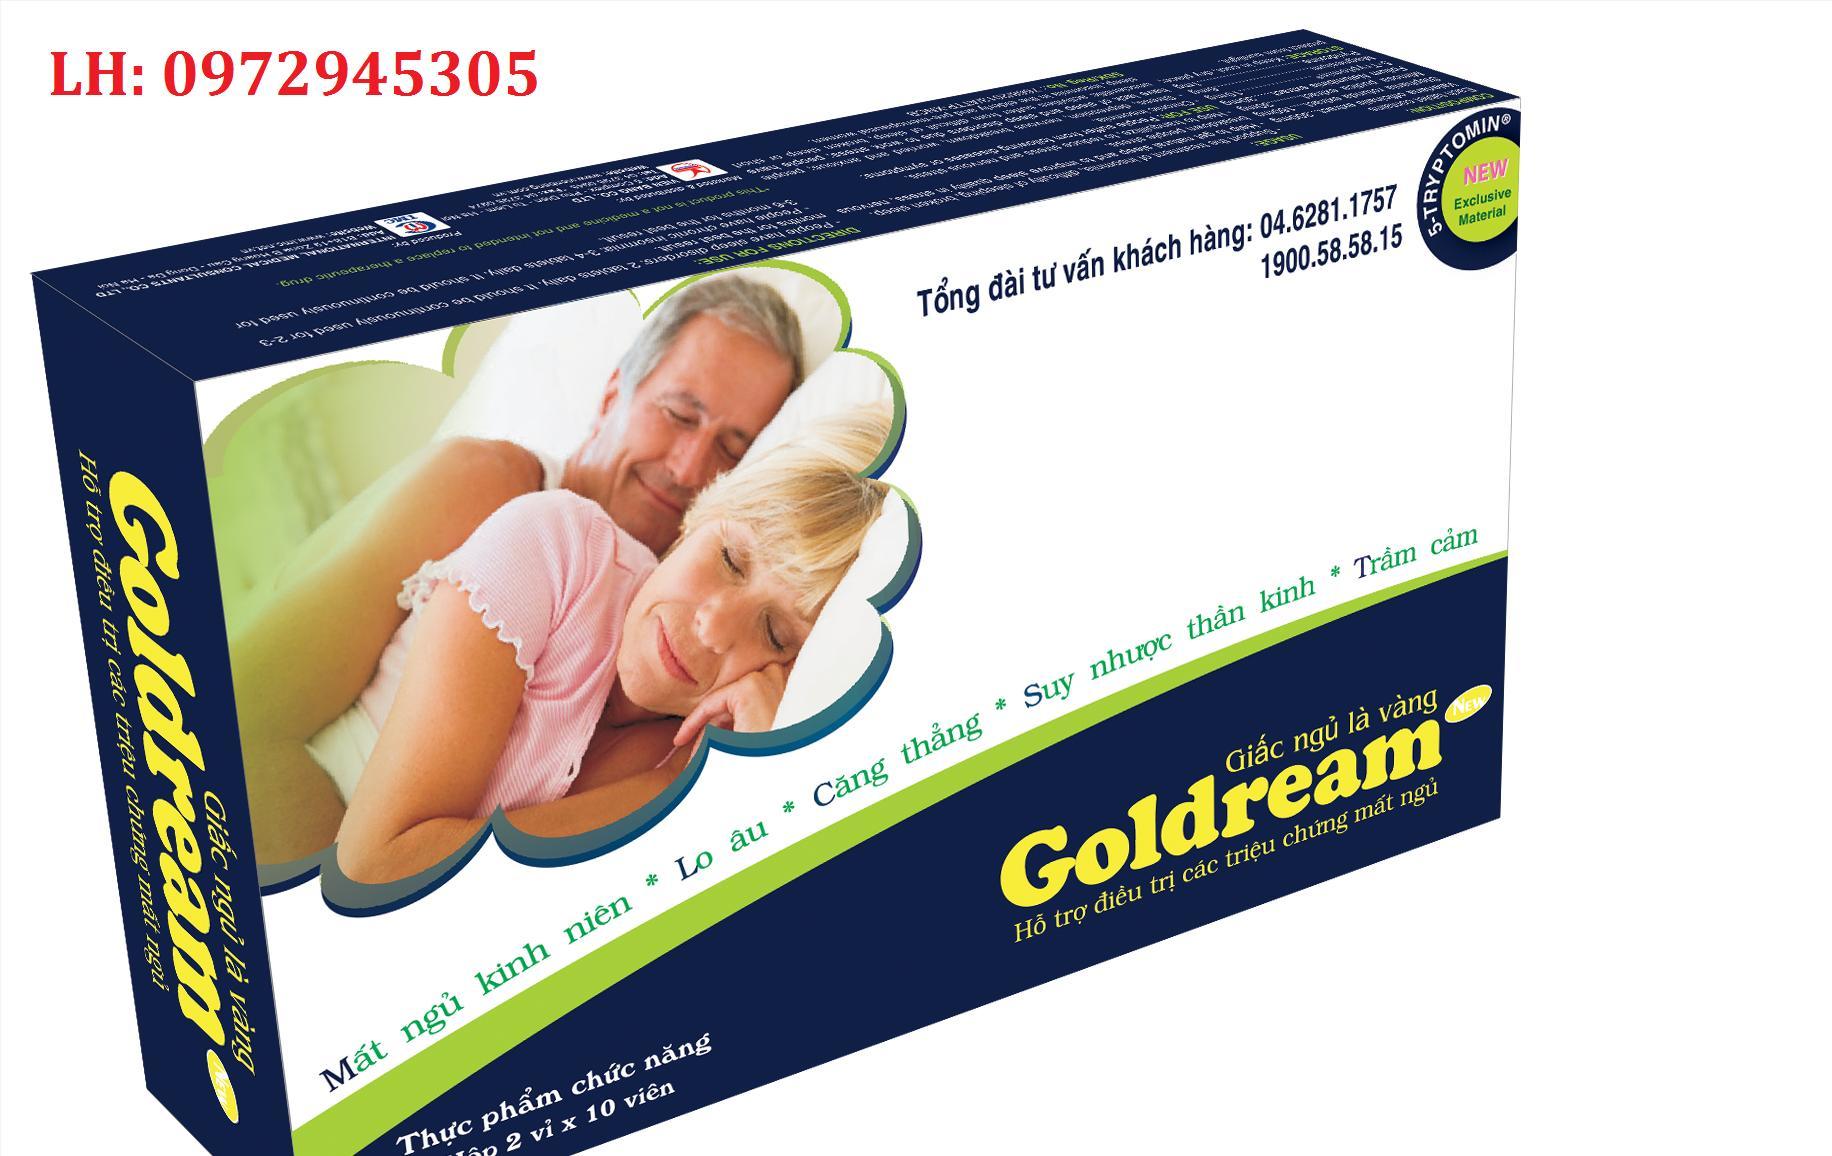 Thuốc Goldream mua ở đâu, thuốc Goldream giá bao nhiêu?